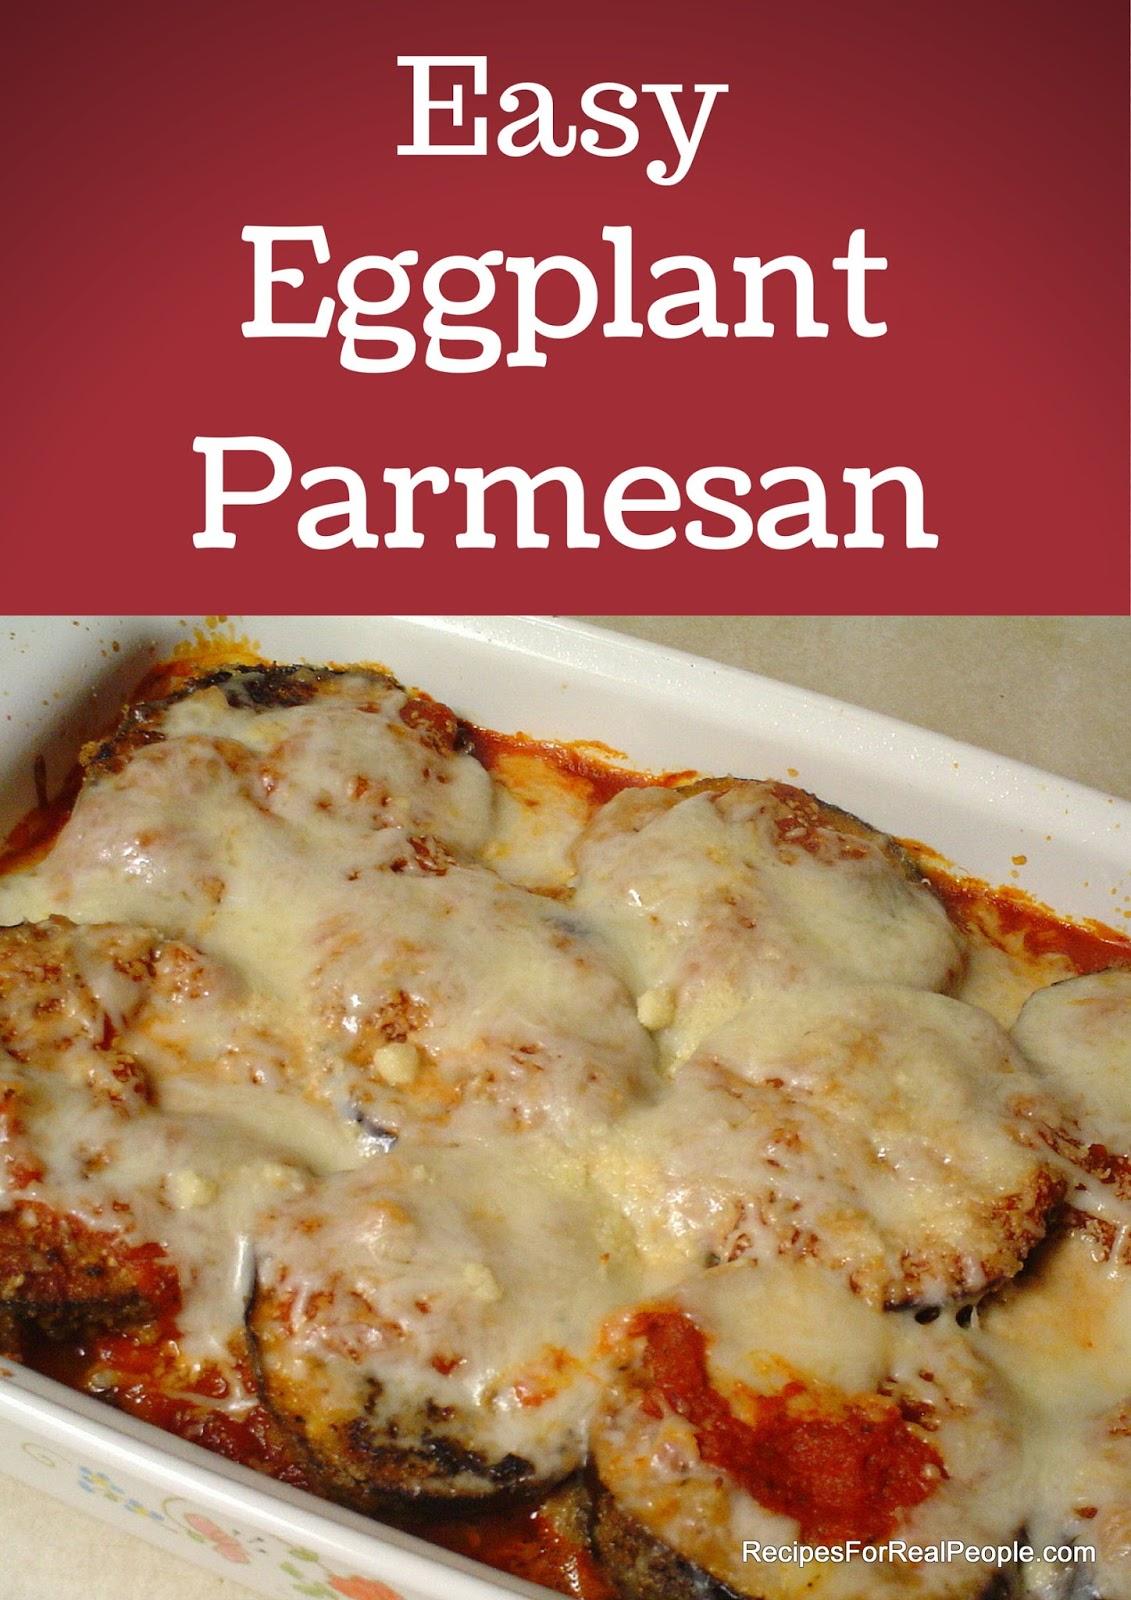 easy eggplant recipes - photo #34